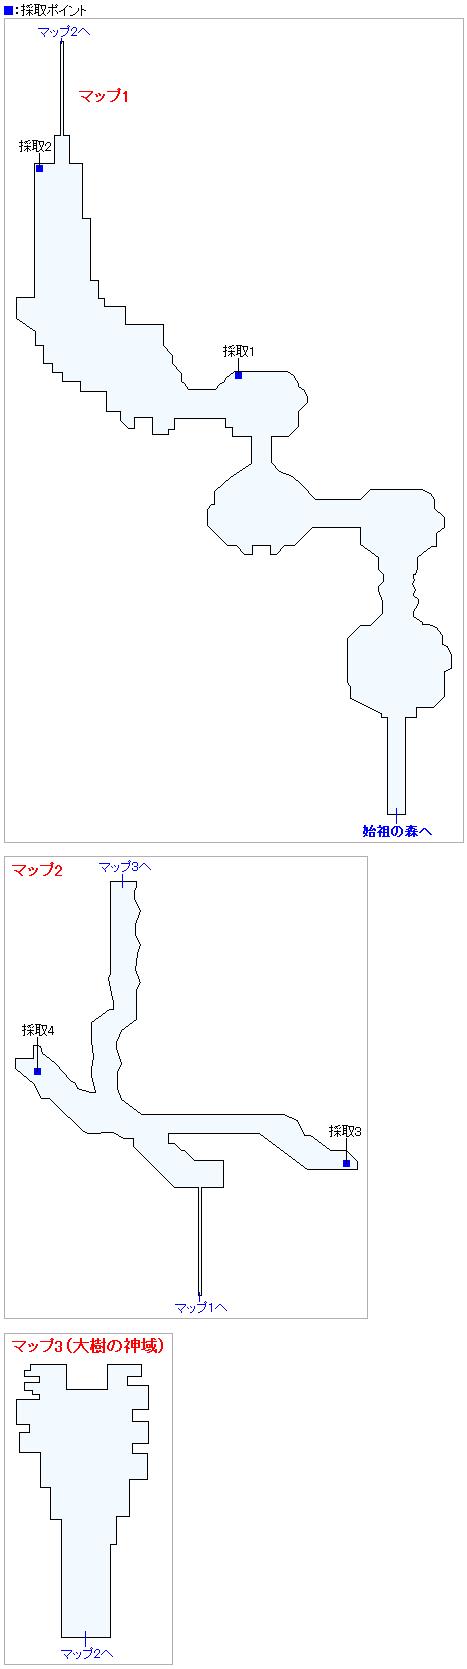 命の大樹(2Dモード)のマップ画像